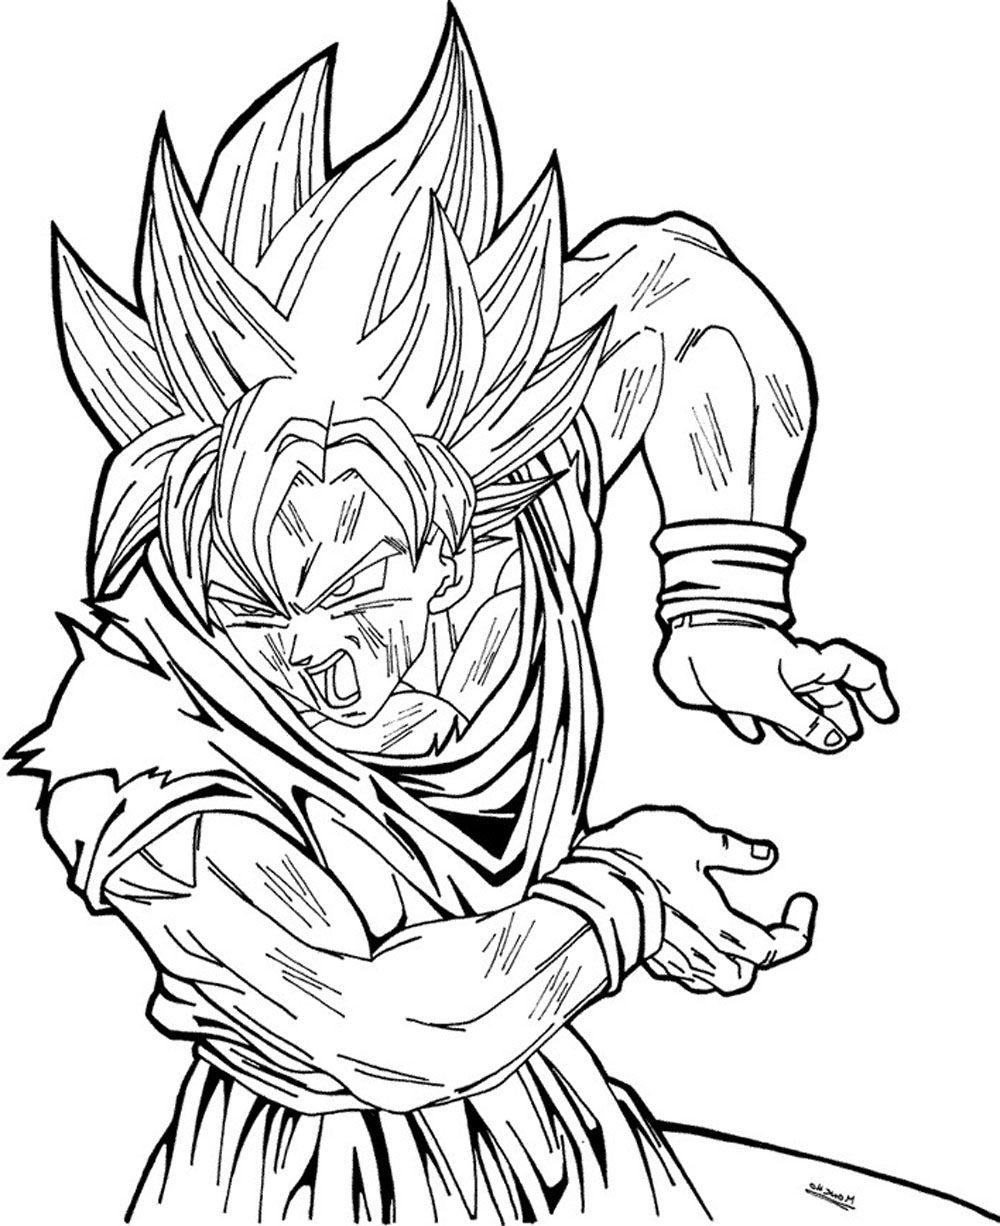 Dibujo de Son Goku sayan haciendo un kame hame ha para pintar y